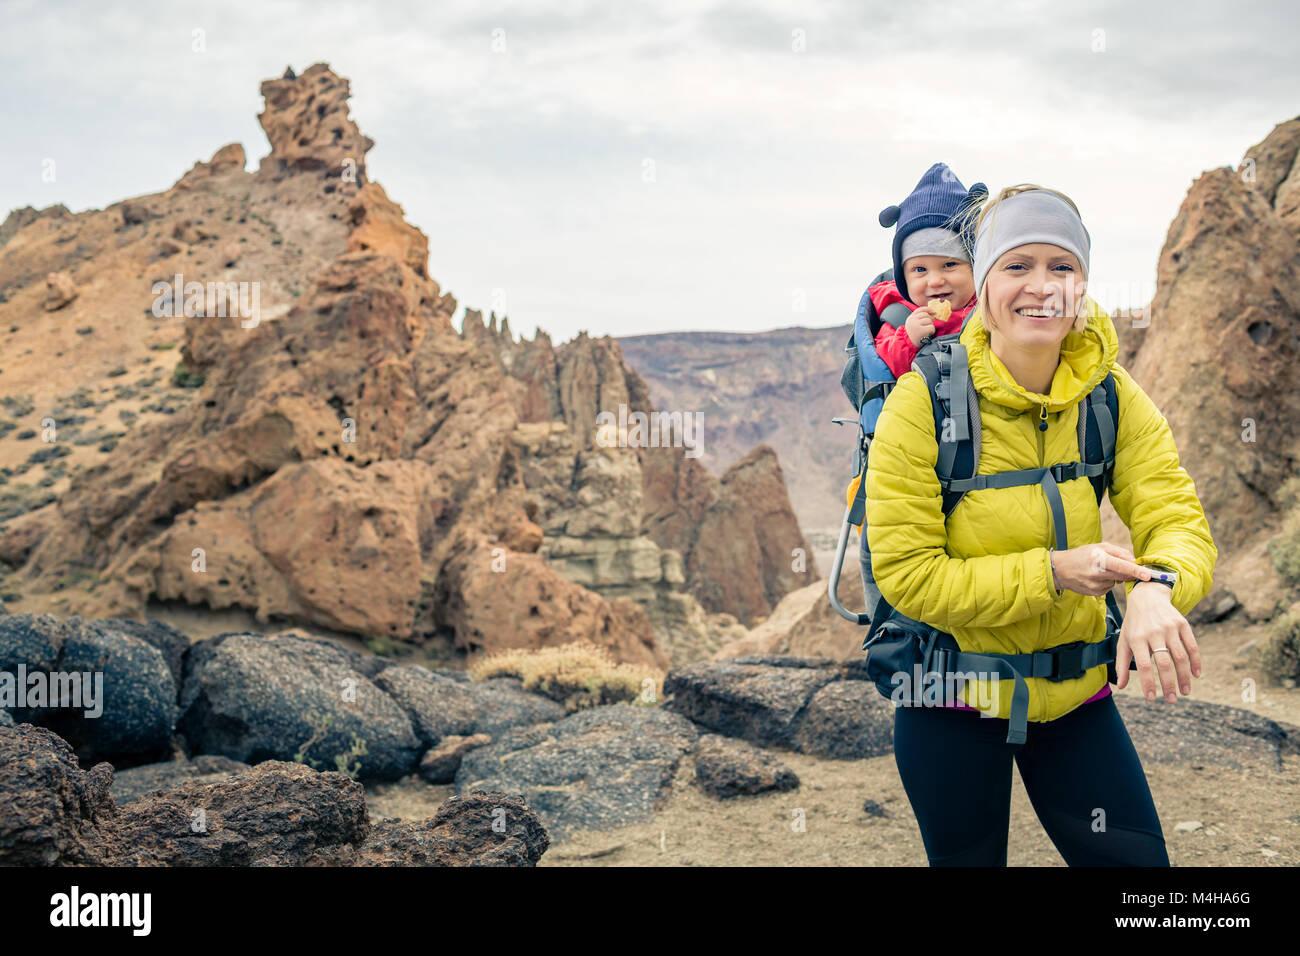 Super Mutter mit Baby boy in Rucksack reisen. Wandern Abenteuer mit Kind auf Herbst Familie Reise in die Berge. Stockbild